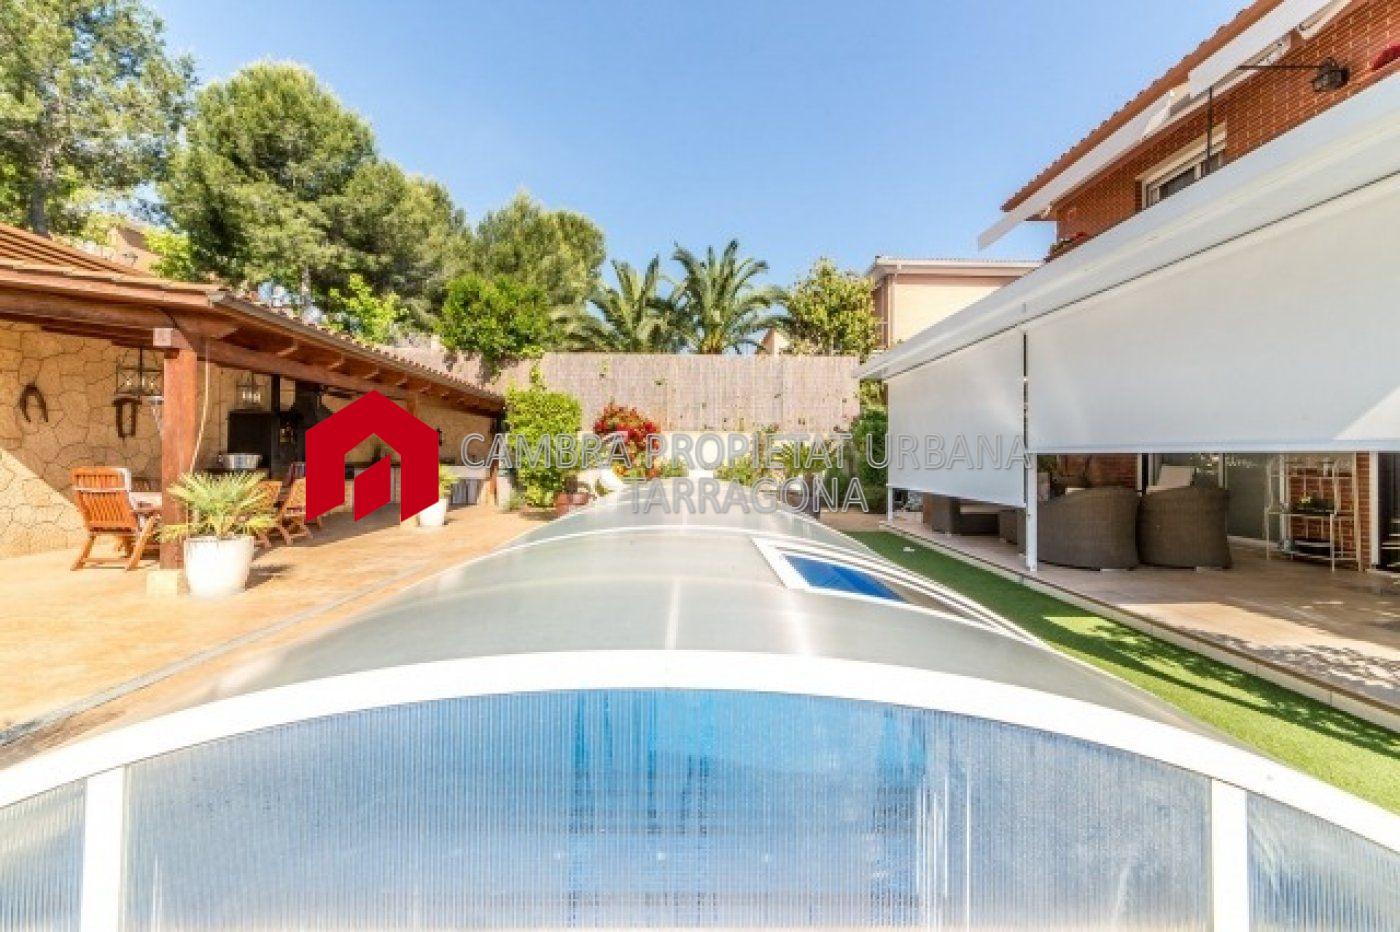 xalet en tarragona · sant-salvador 360000€